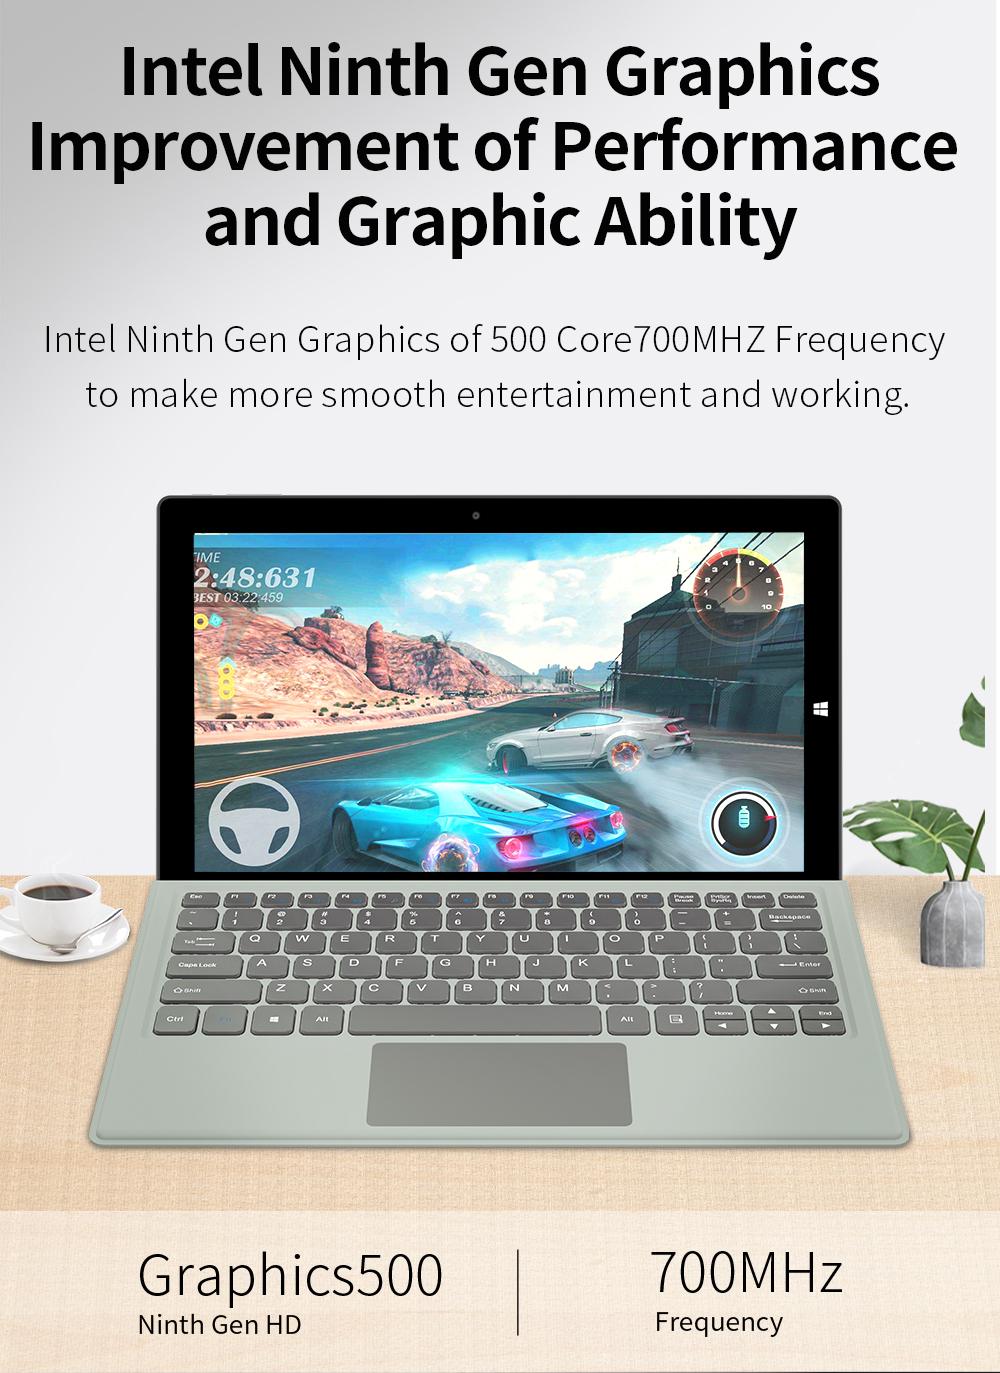 Jumper Ezpad go Apollo Lake N3450 Quad Core 4GB RAM 64GB ROM 11.6 Inch Windows 10 OS Tablet with Keyboard